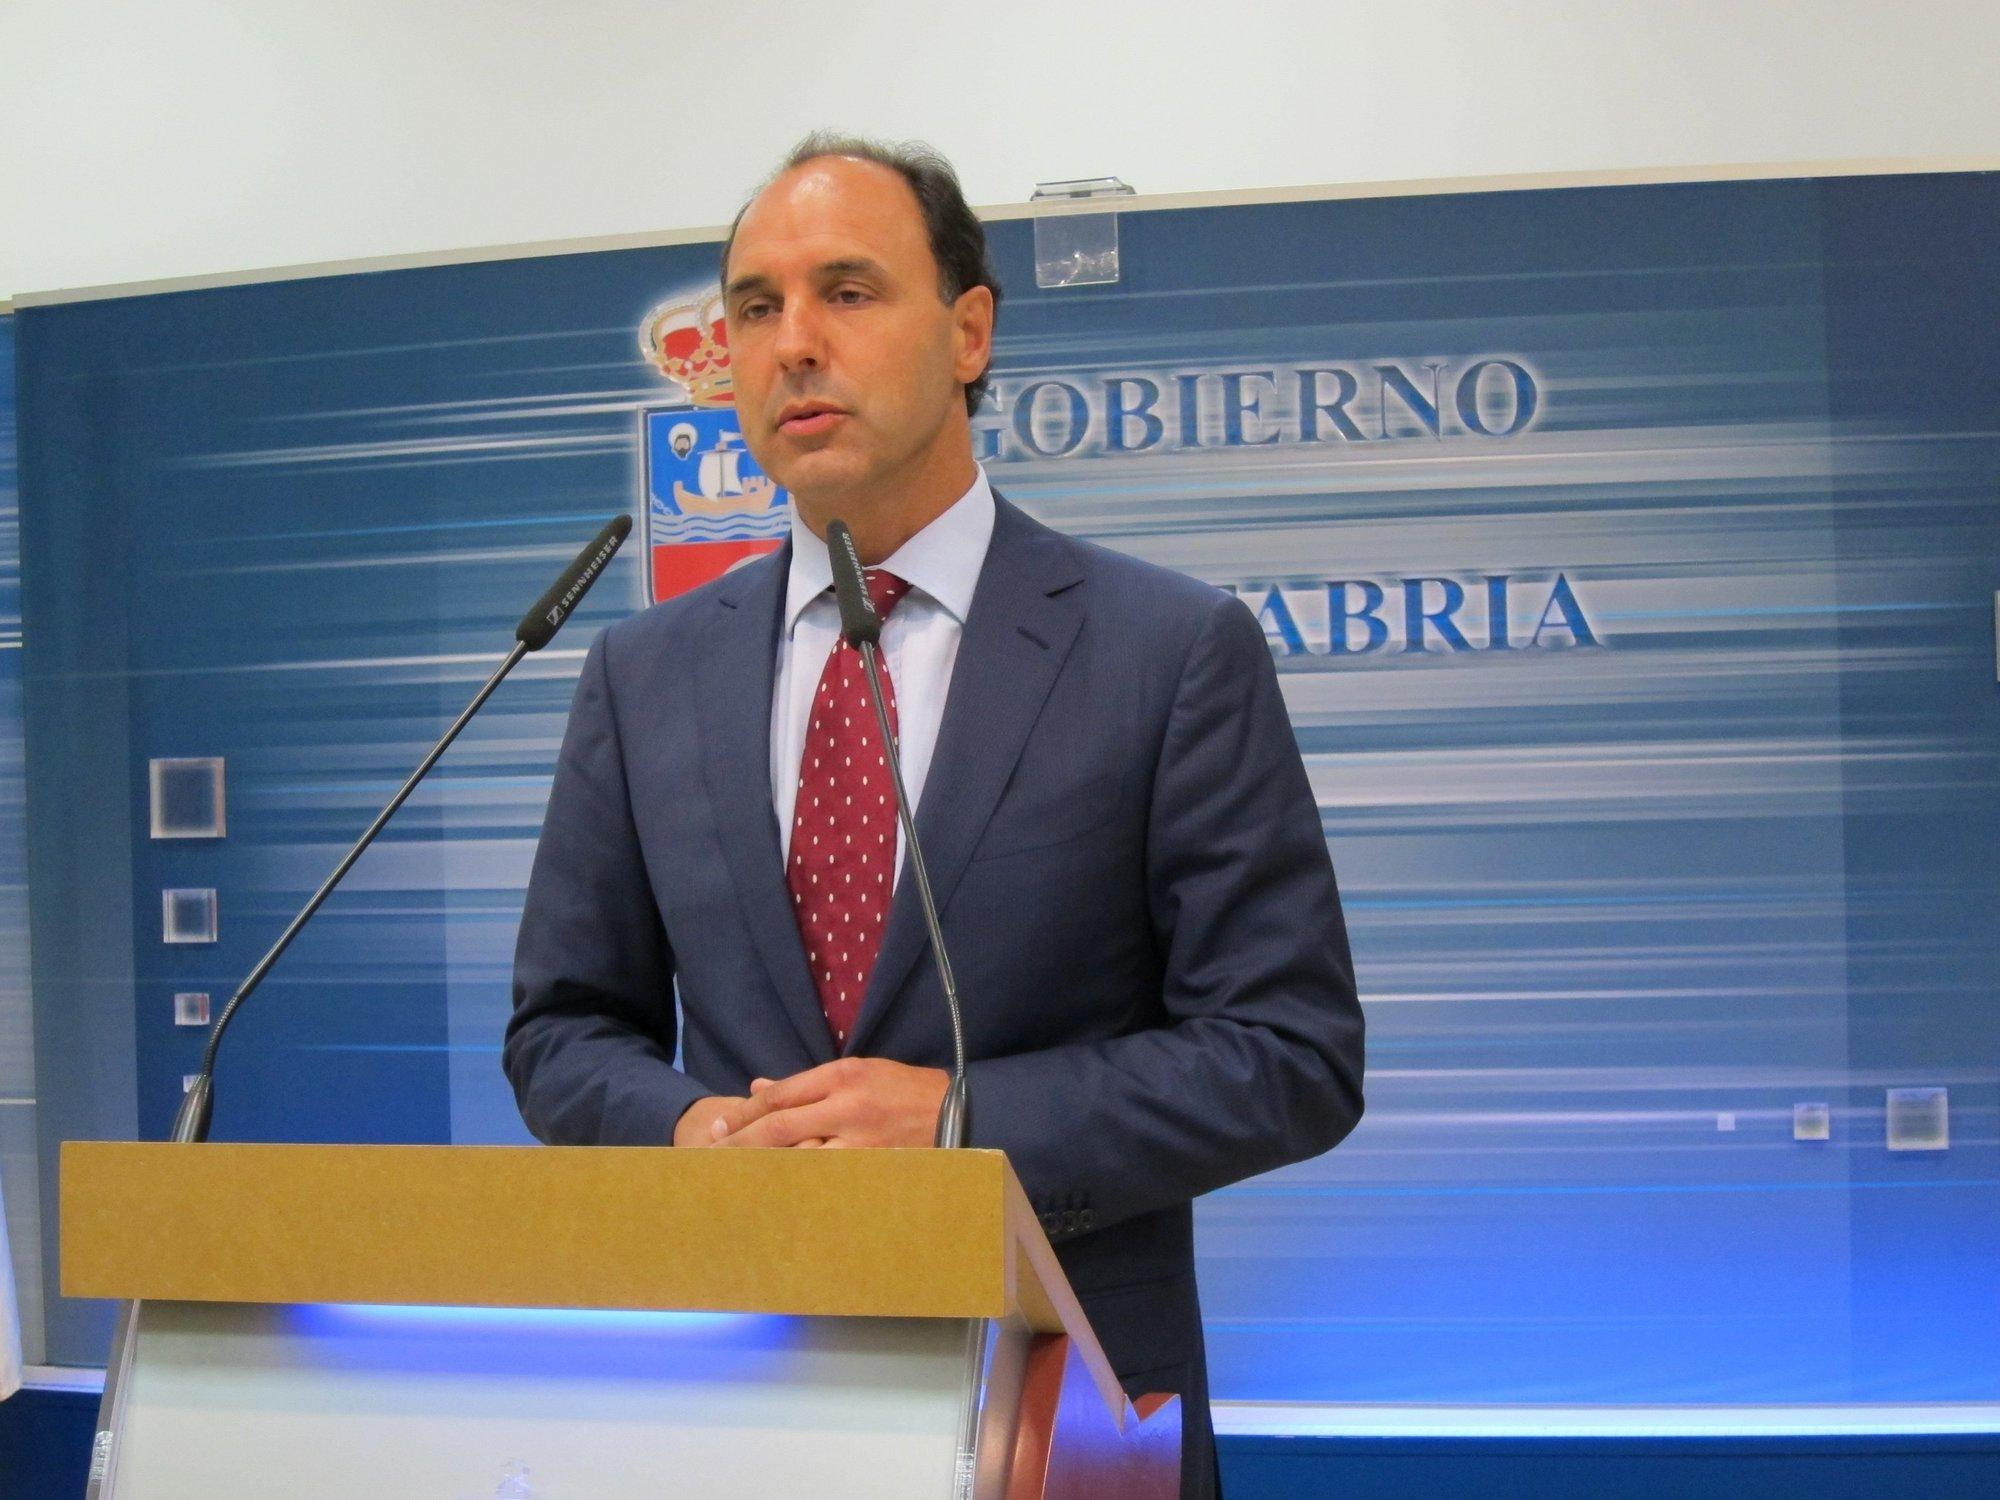 Diego constata la nula disposición de Haulotte a negociar con el Gobierno una fórmula alternativa a la deslocalización